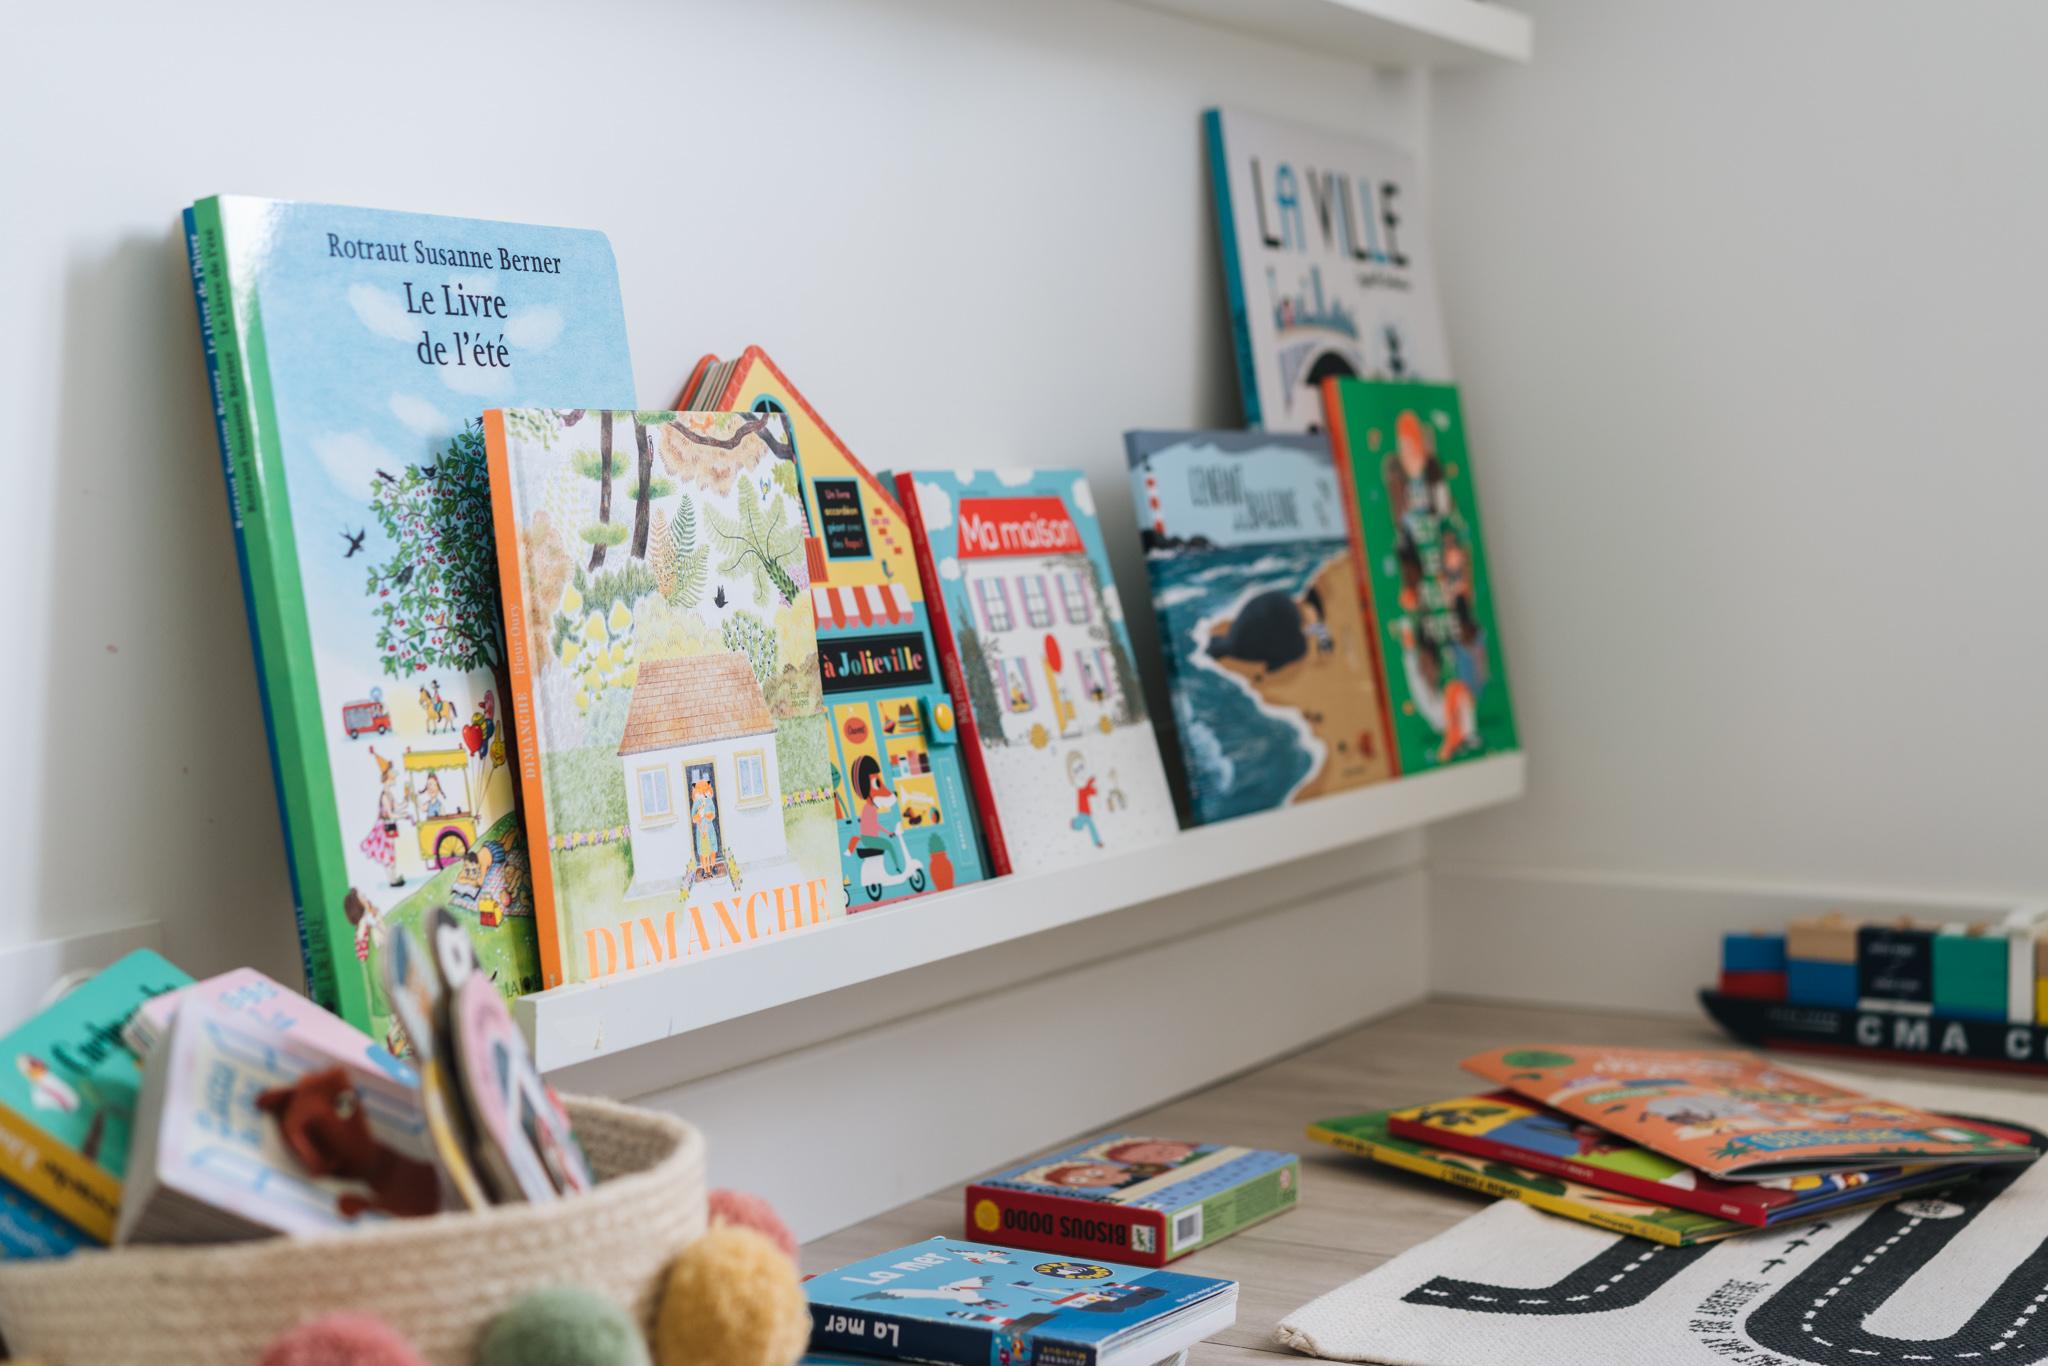 Les livres préférés de Louison, deux ans et demi